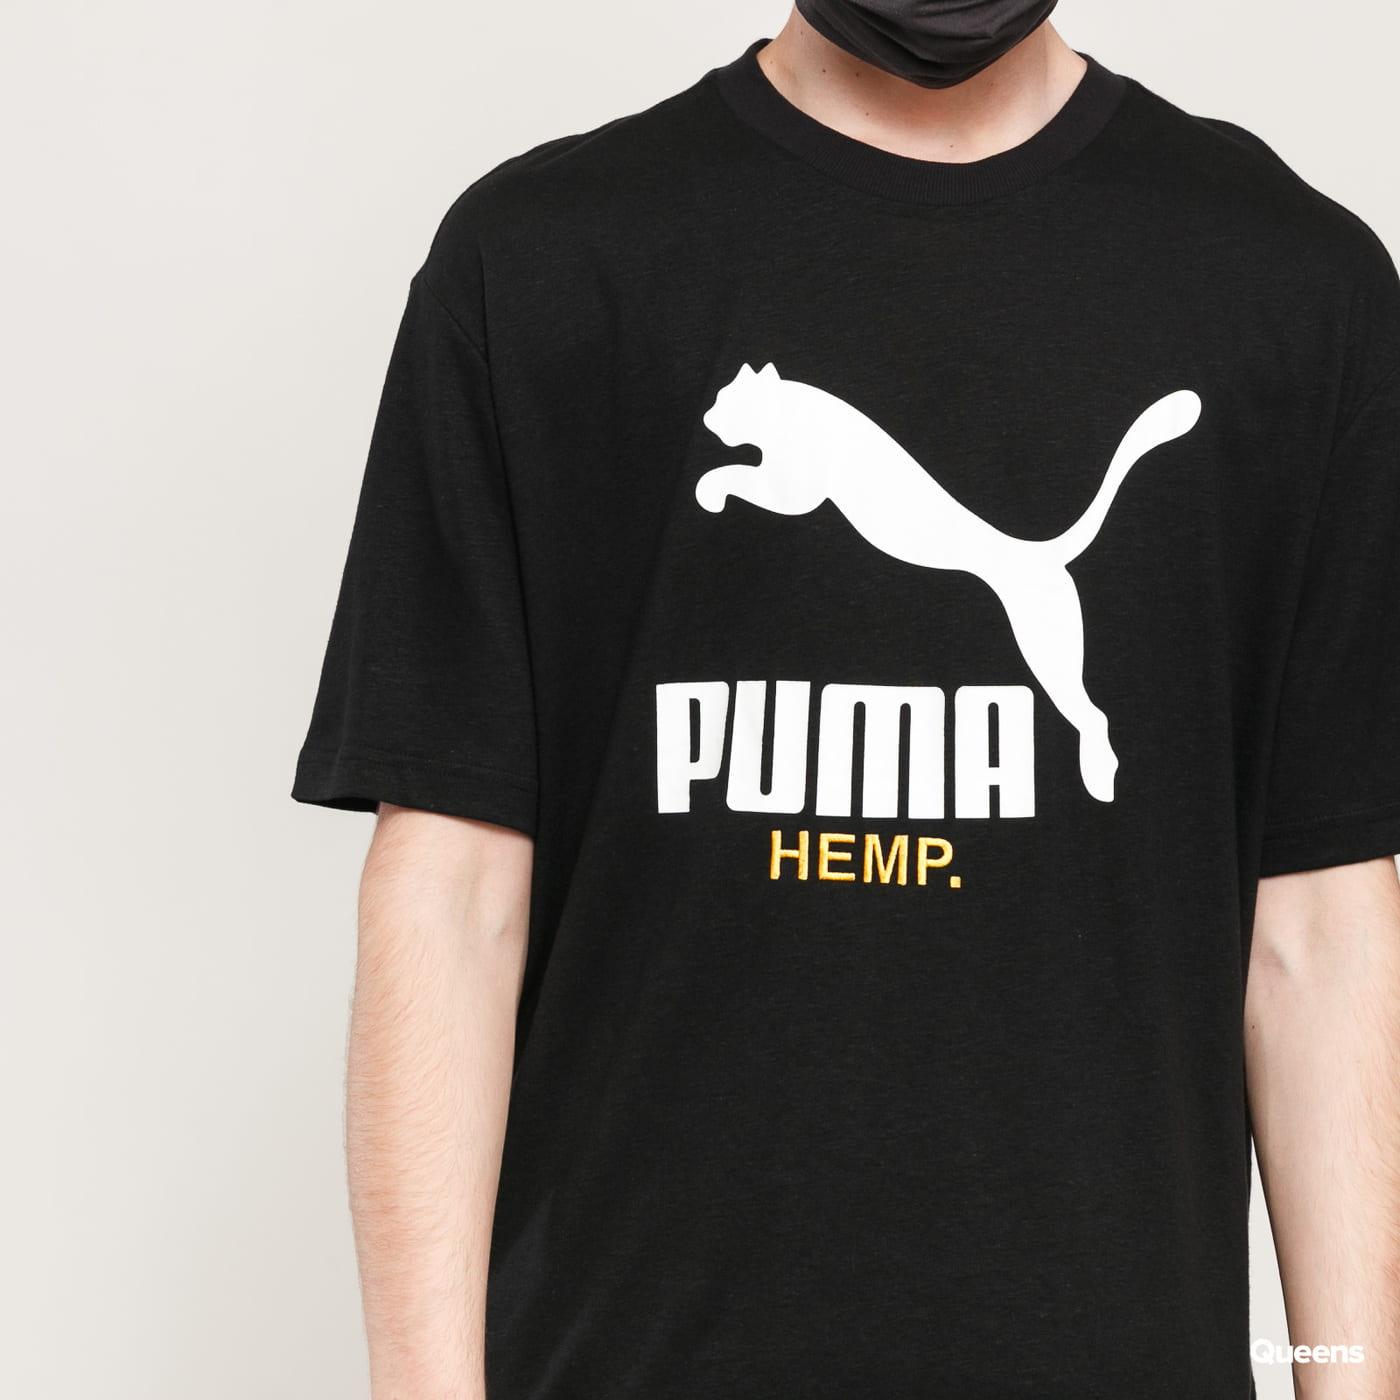 Puma Hemp Tee black